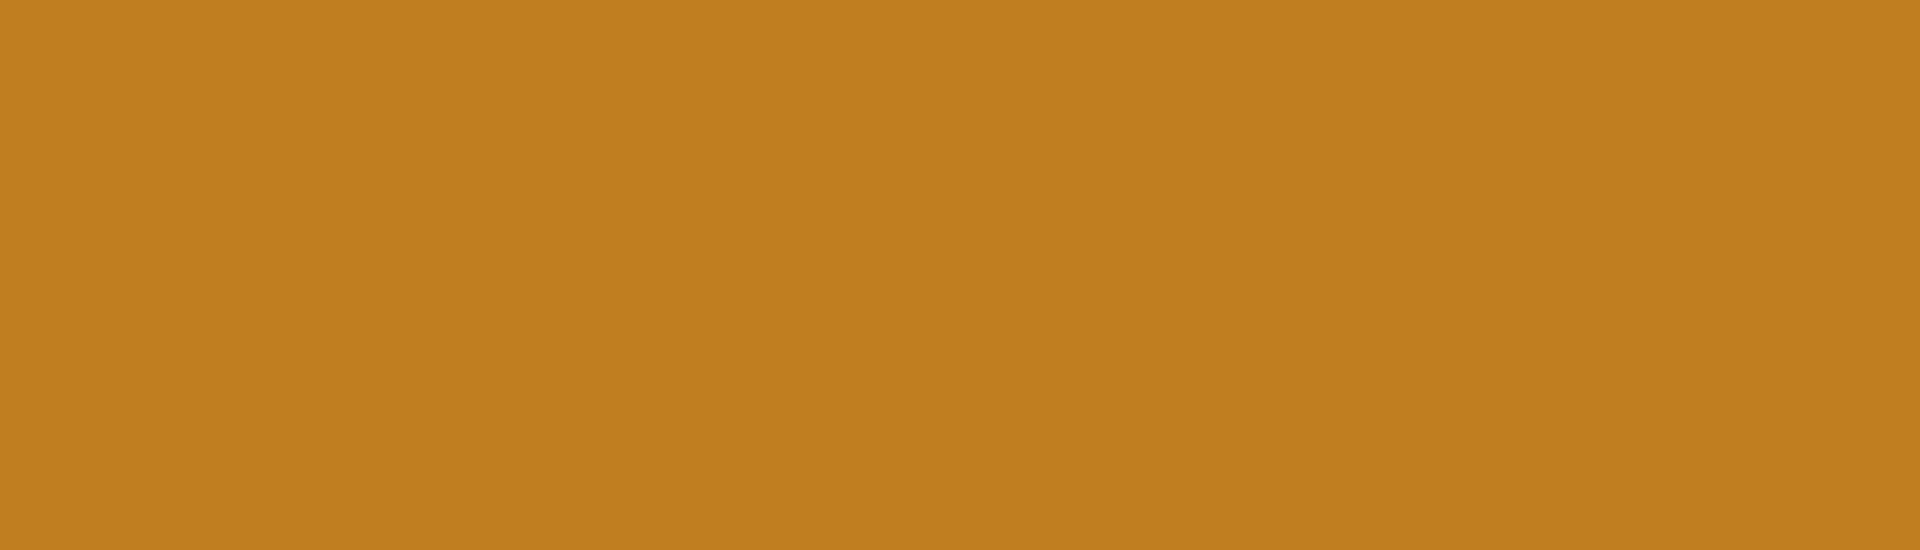 Zwei Riedel Gläser GRATIS ab einem Bestellwert von 299! 10/2017 - Slider